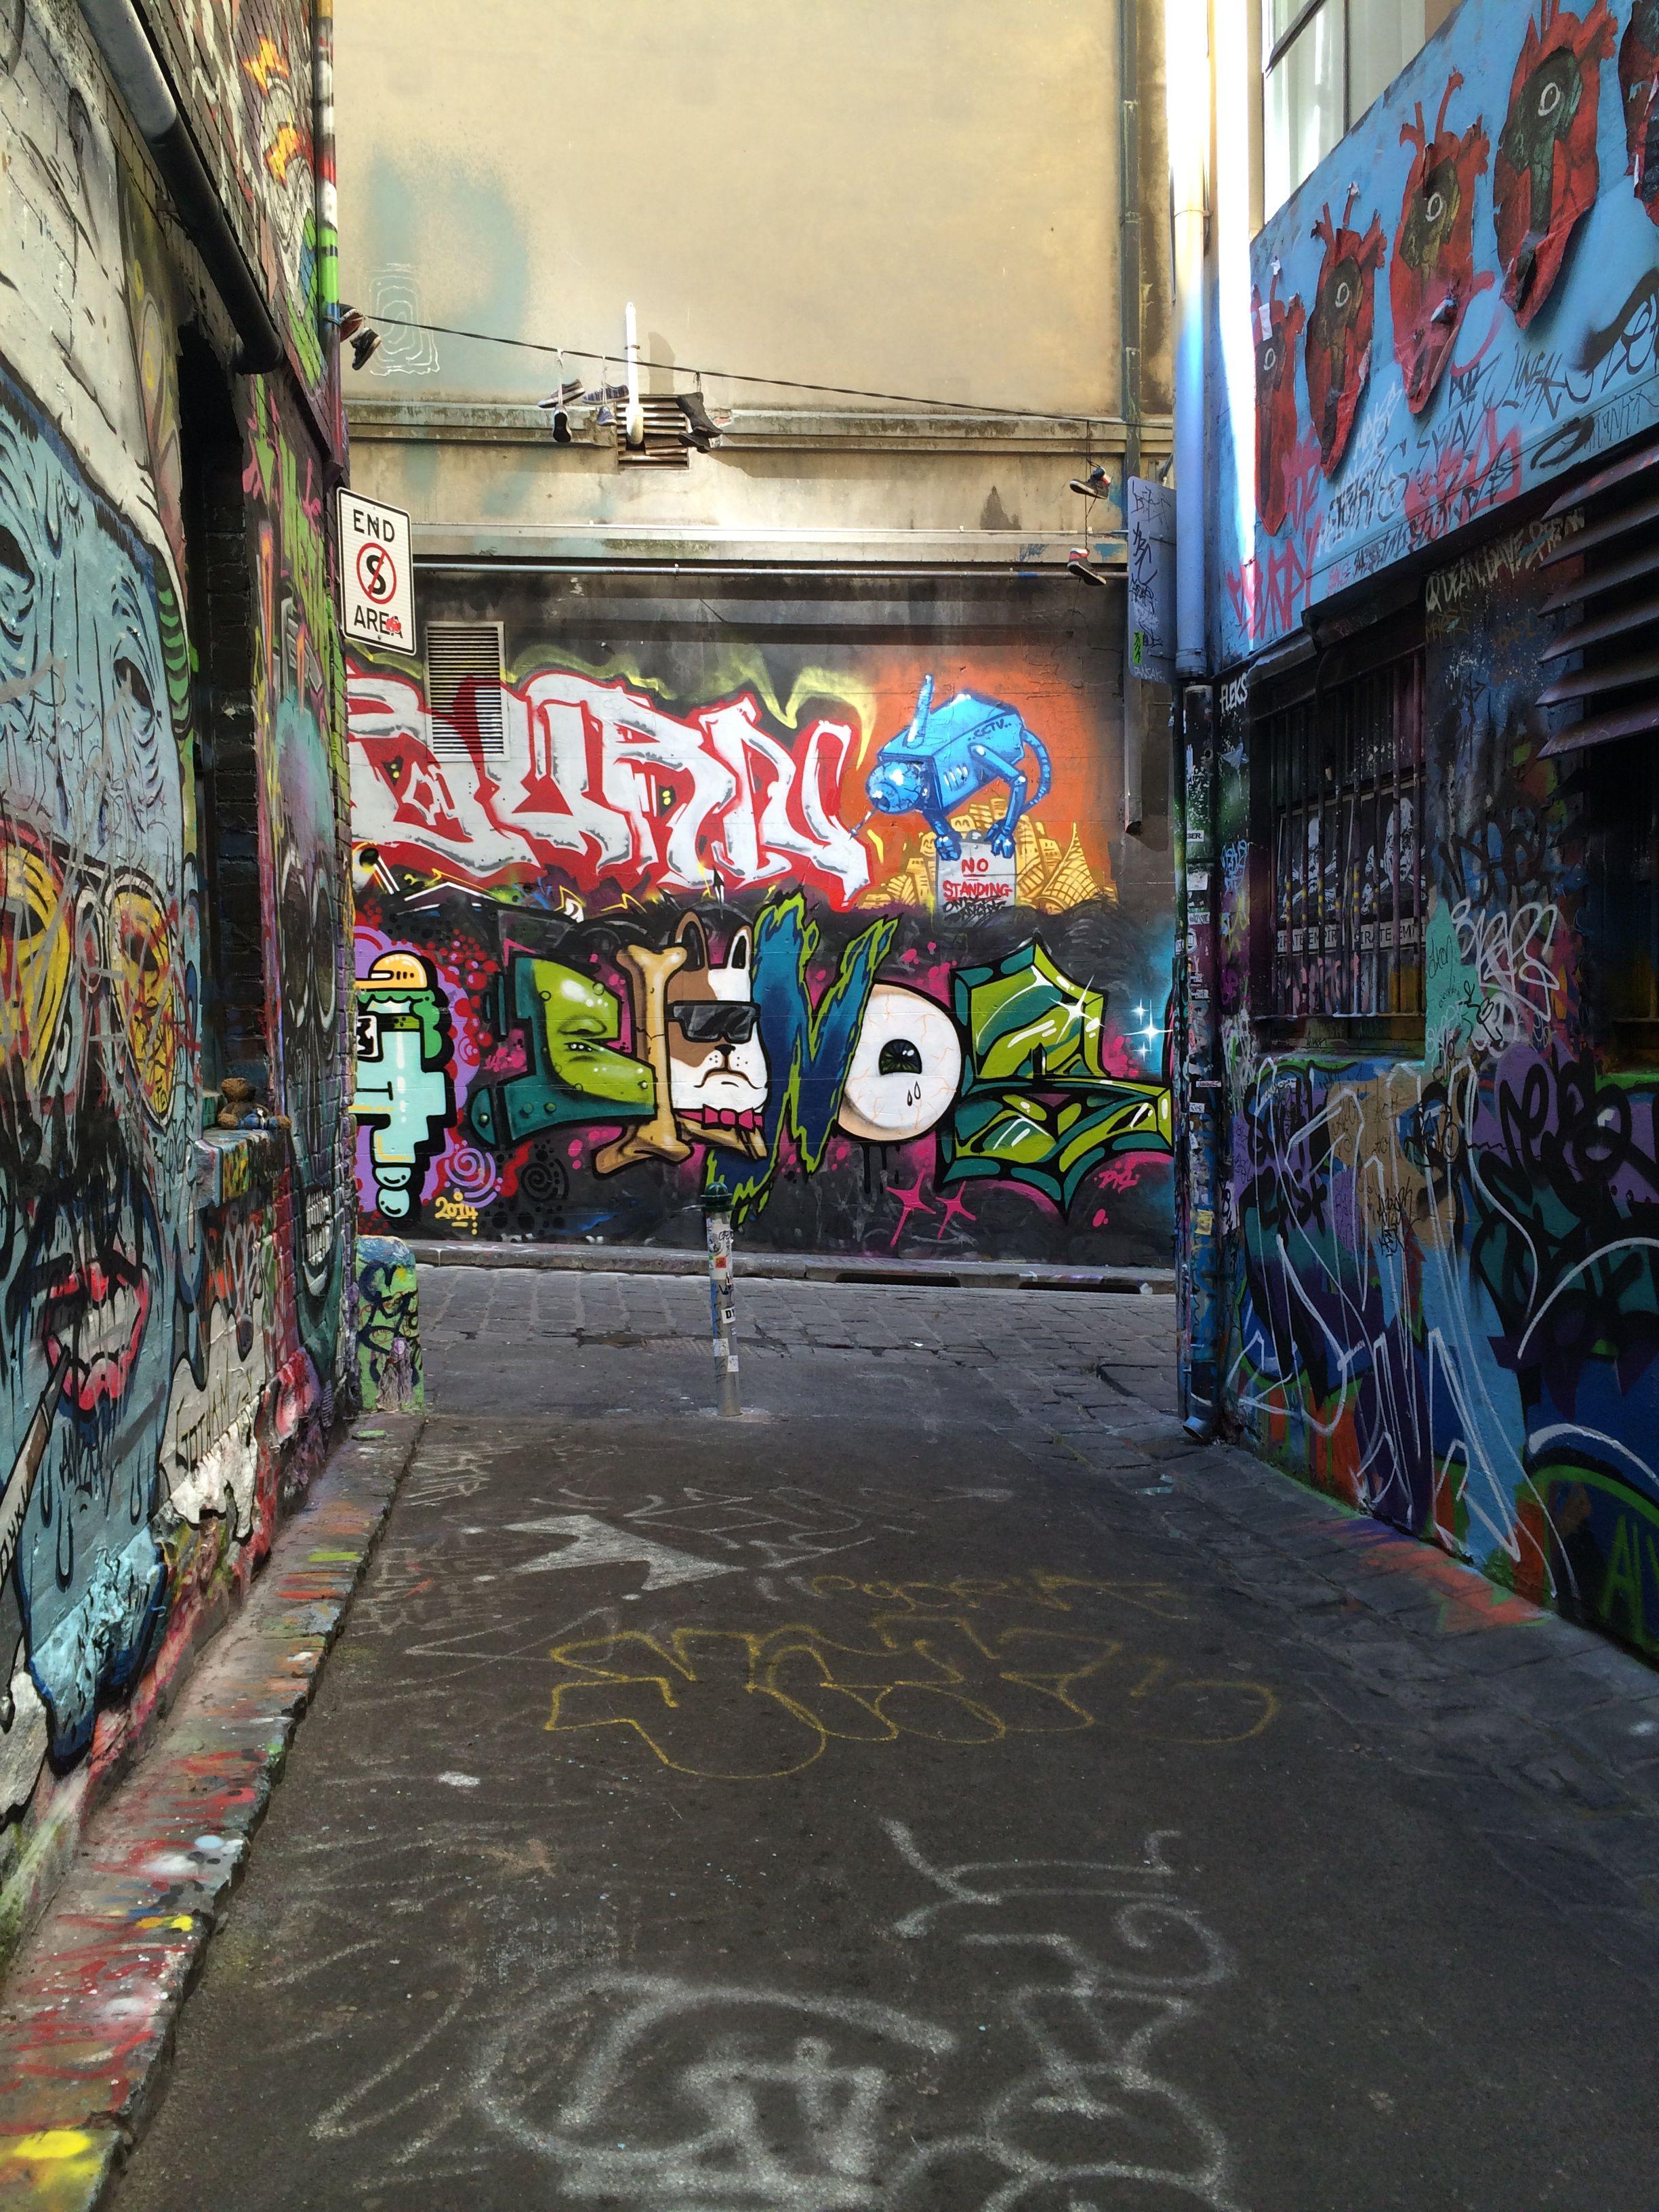 Graffiti art on hosier lane in melbourne australia